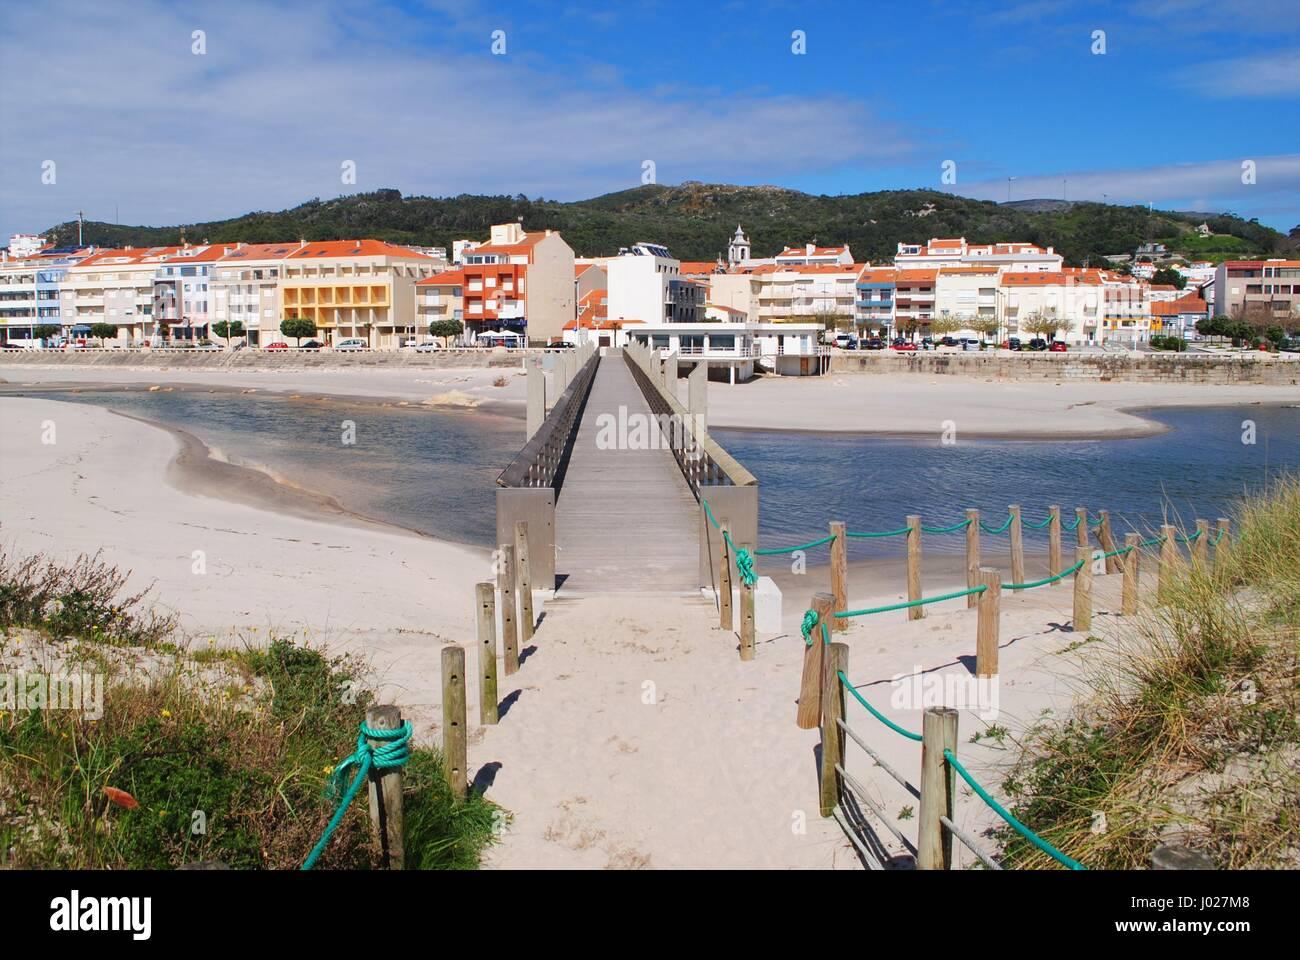 Vila Praia de Âncora bridge - Stock Image